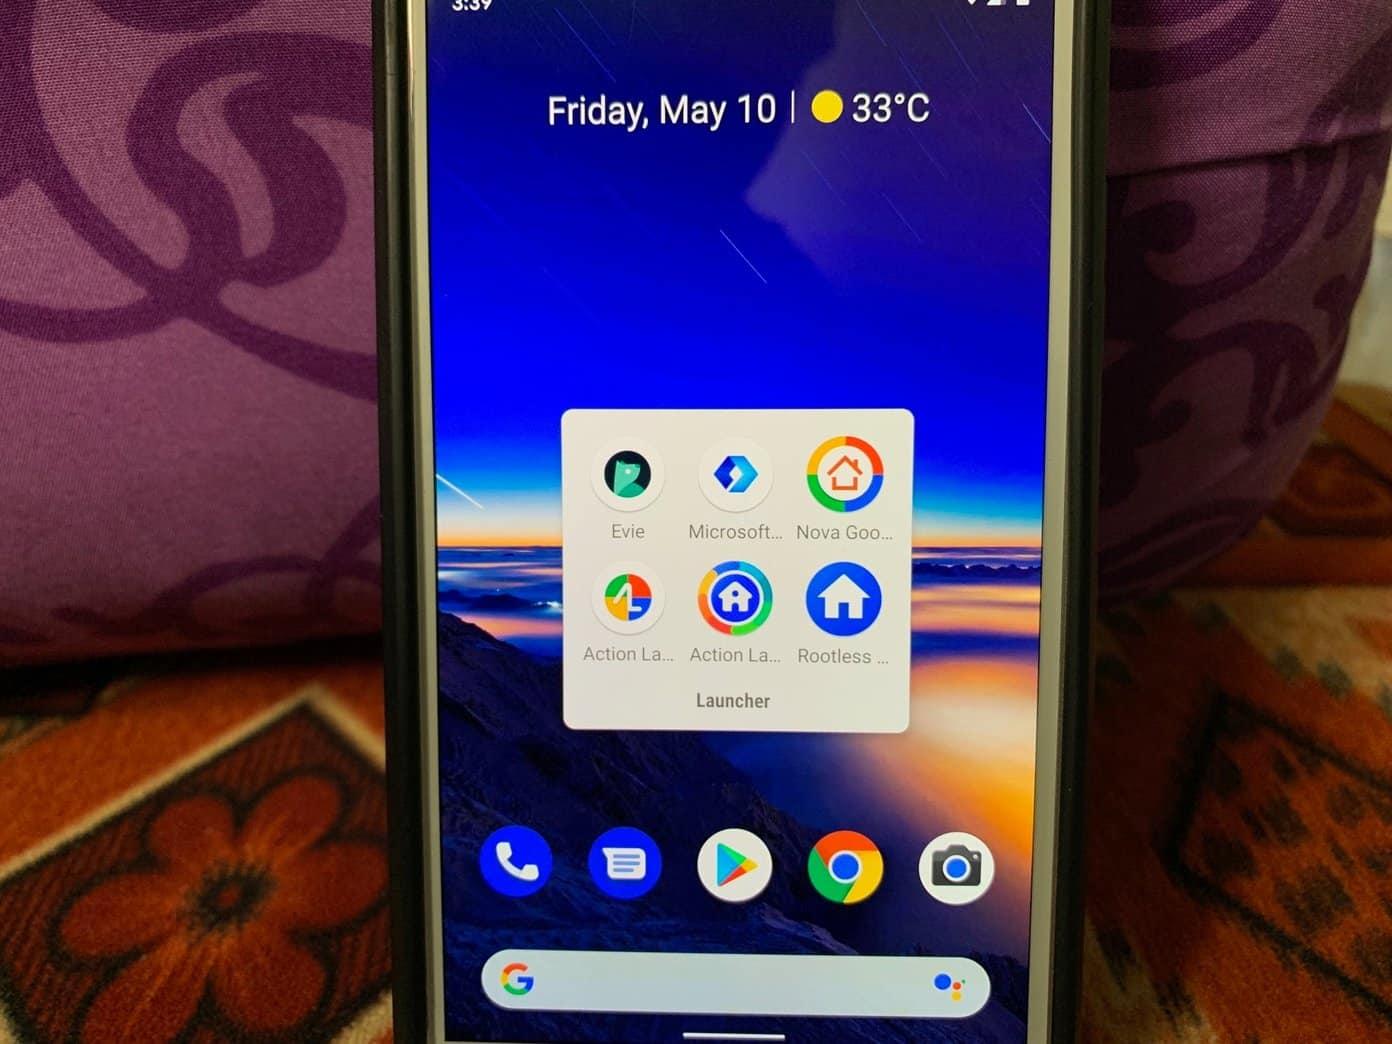 Onena 3 Android abiarazleak Google Feeds integraziorako laguntzarekin